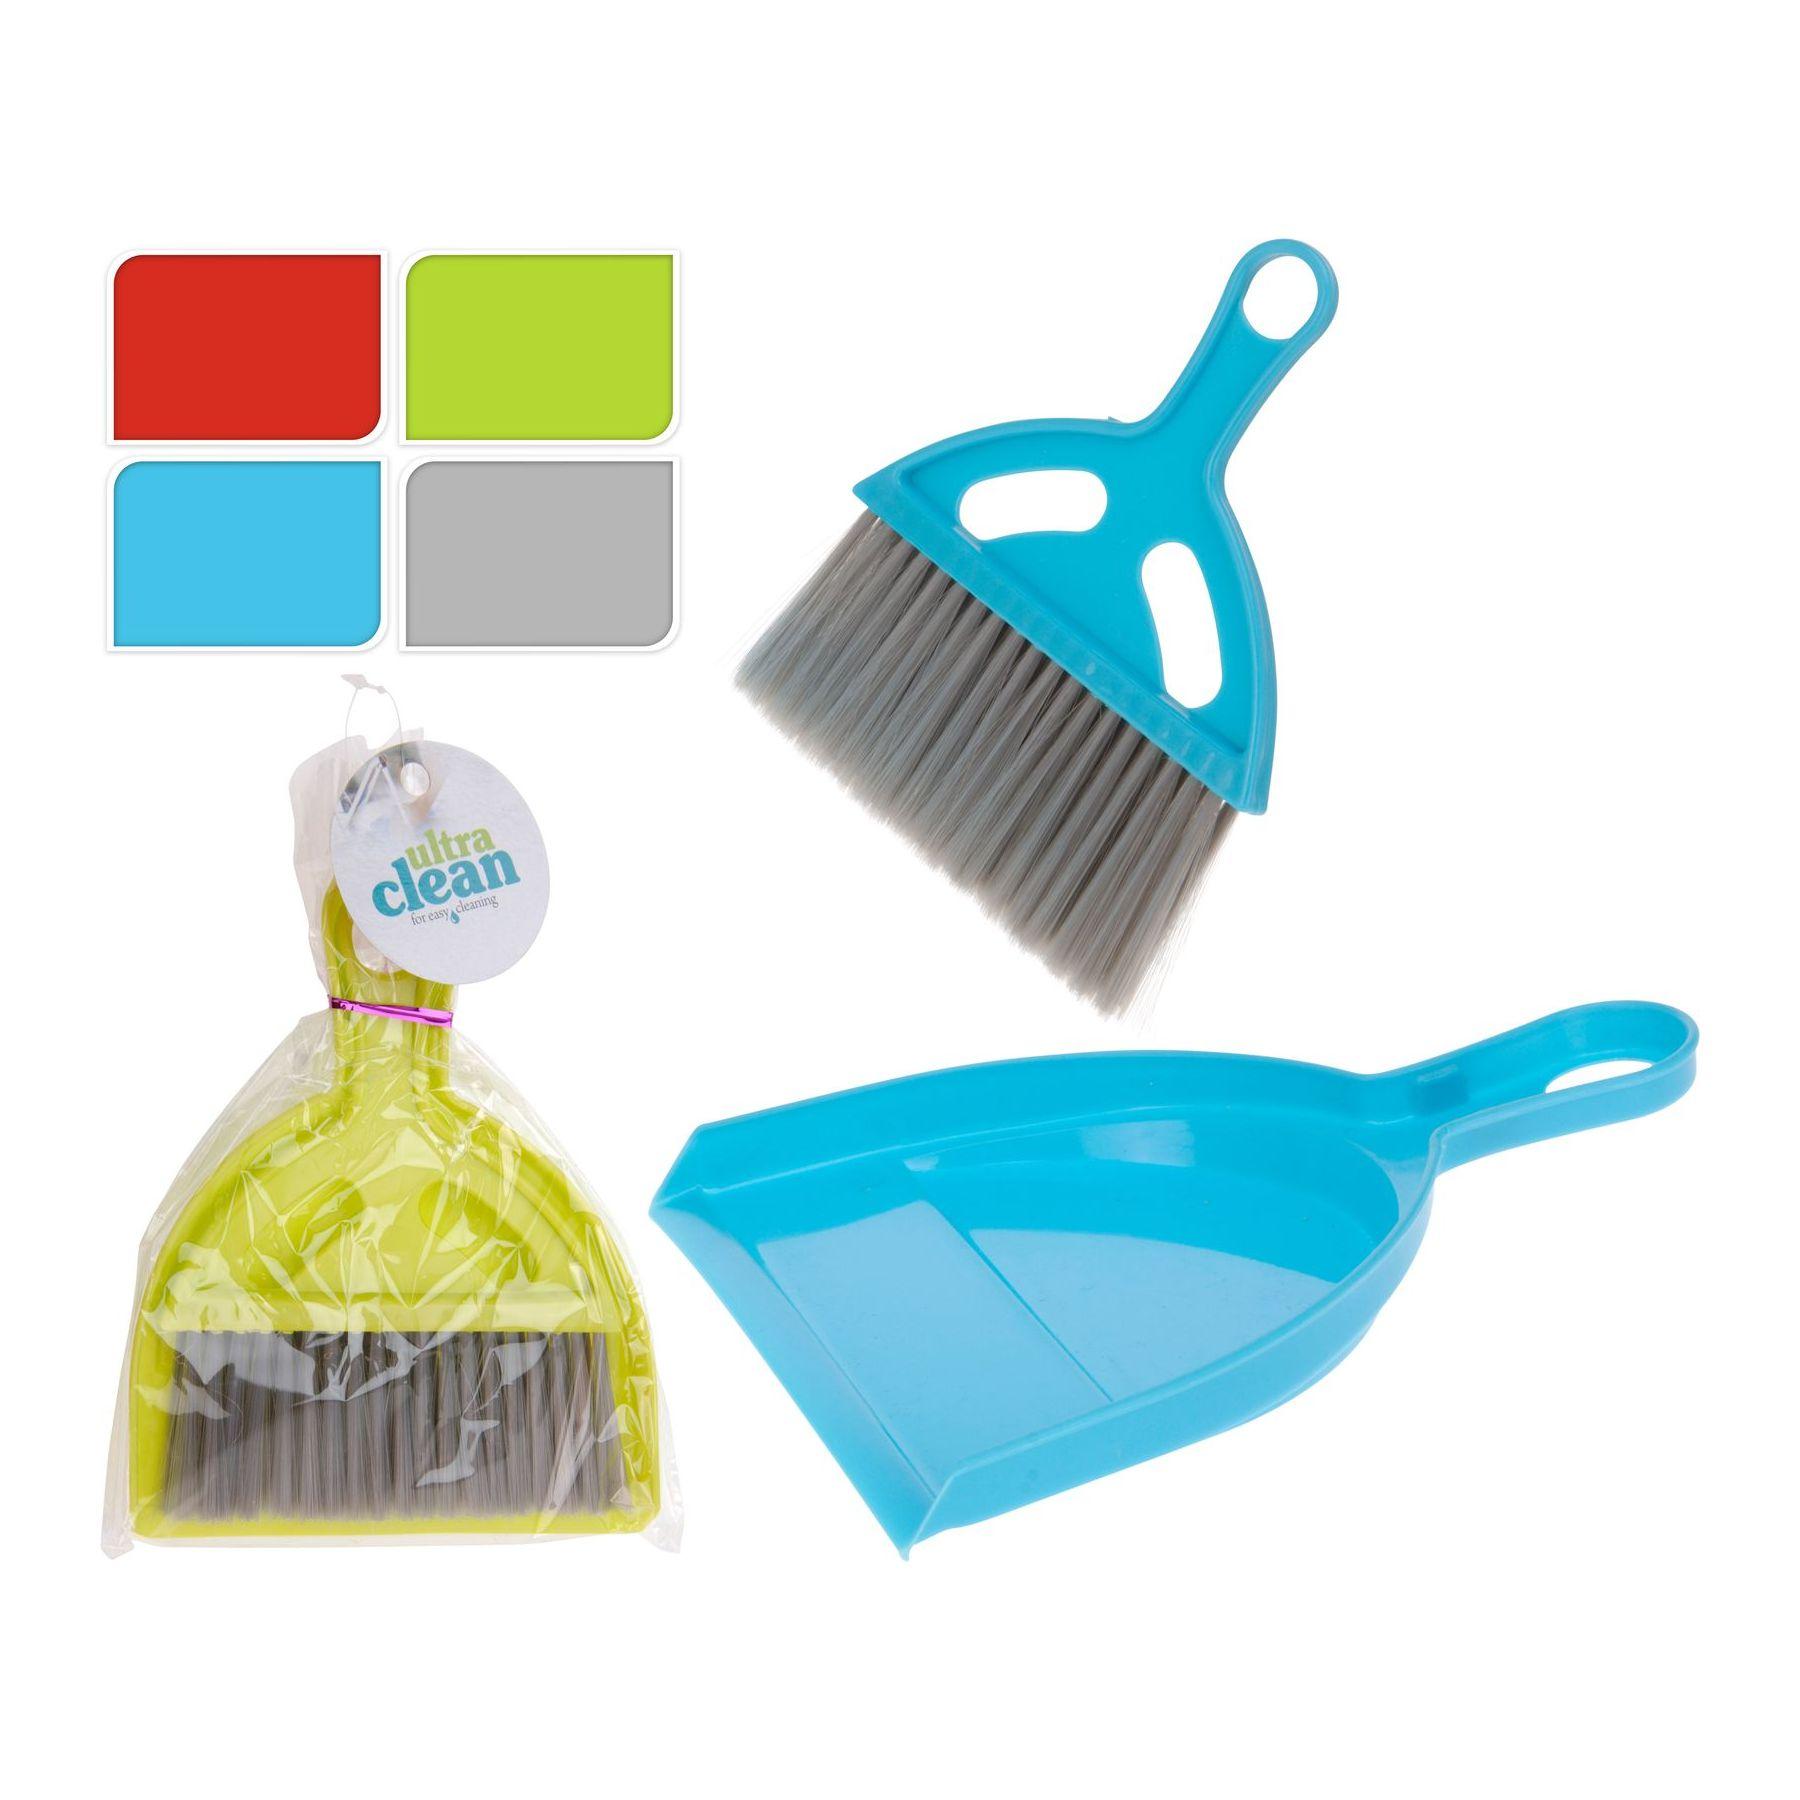 Набор совок+щётка д/пола 20х26,5совок для мусора, щётка ручная, для уборки пола разм. 20х26,5 см<br>